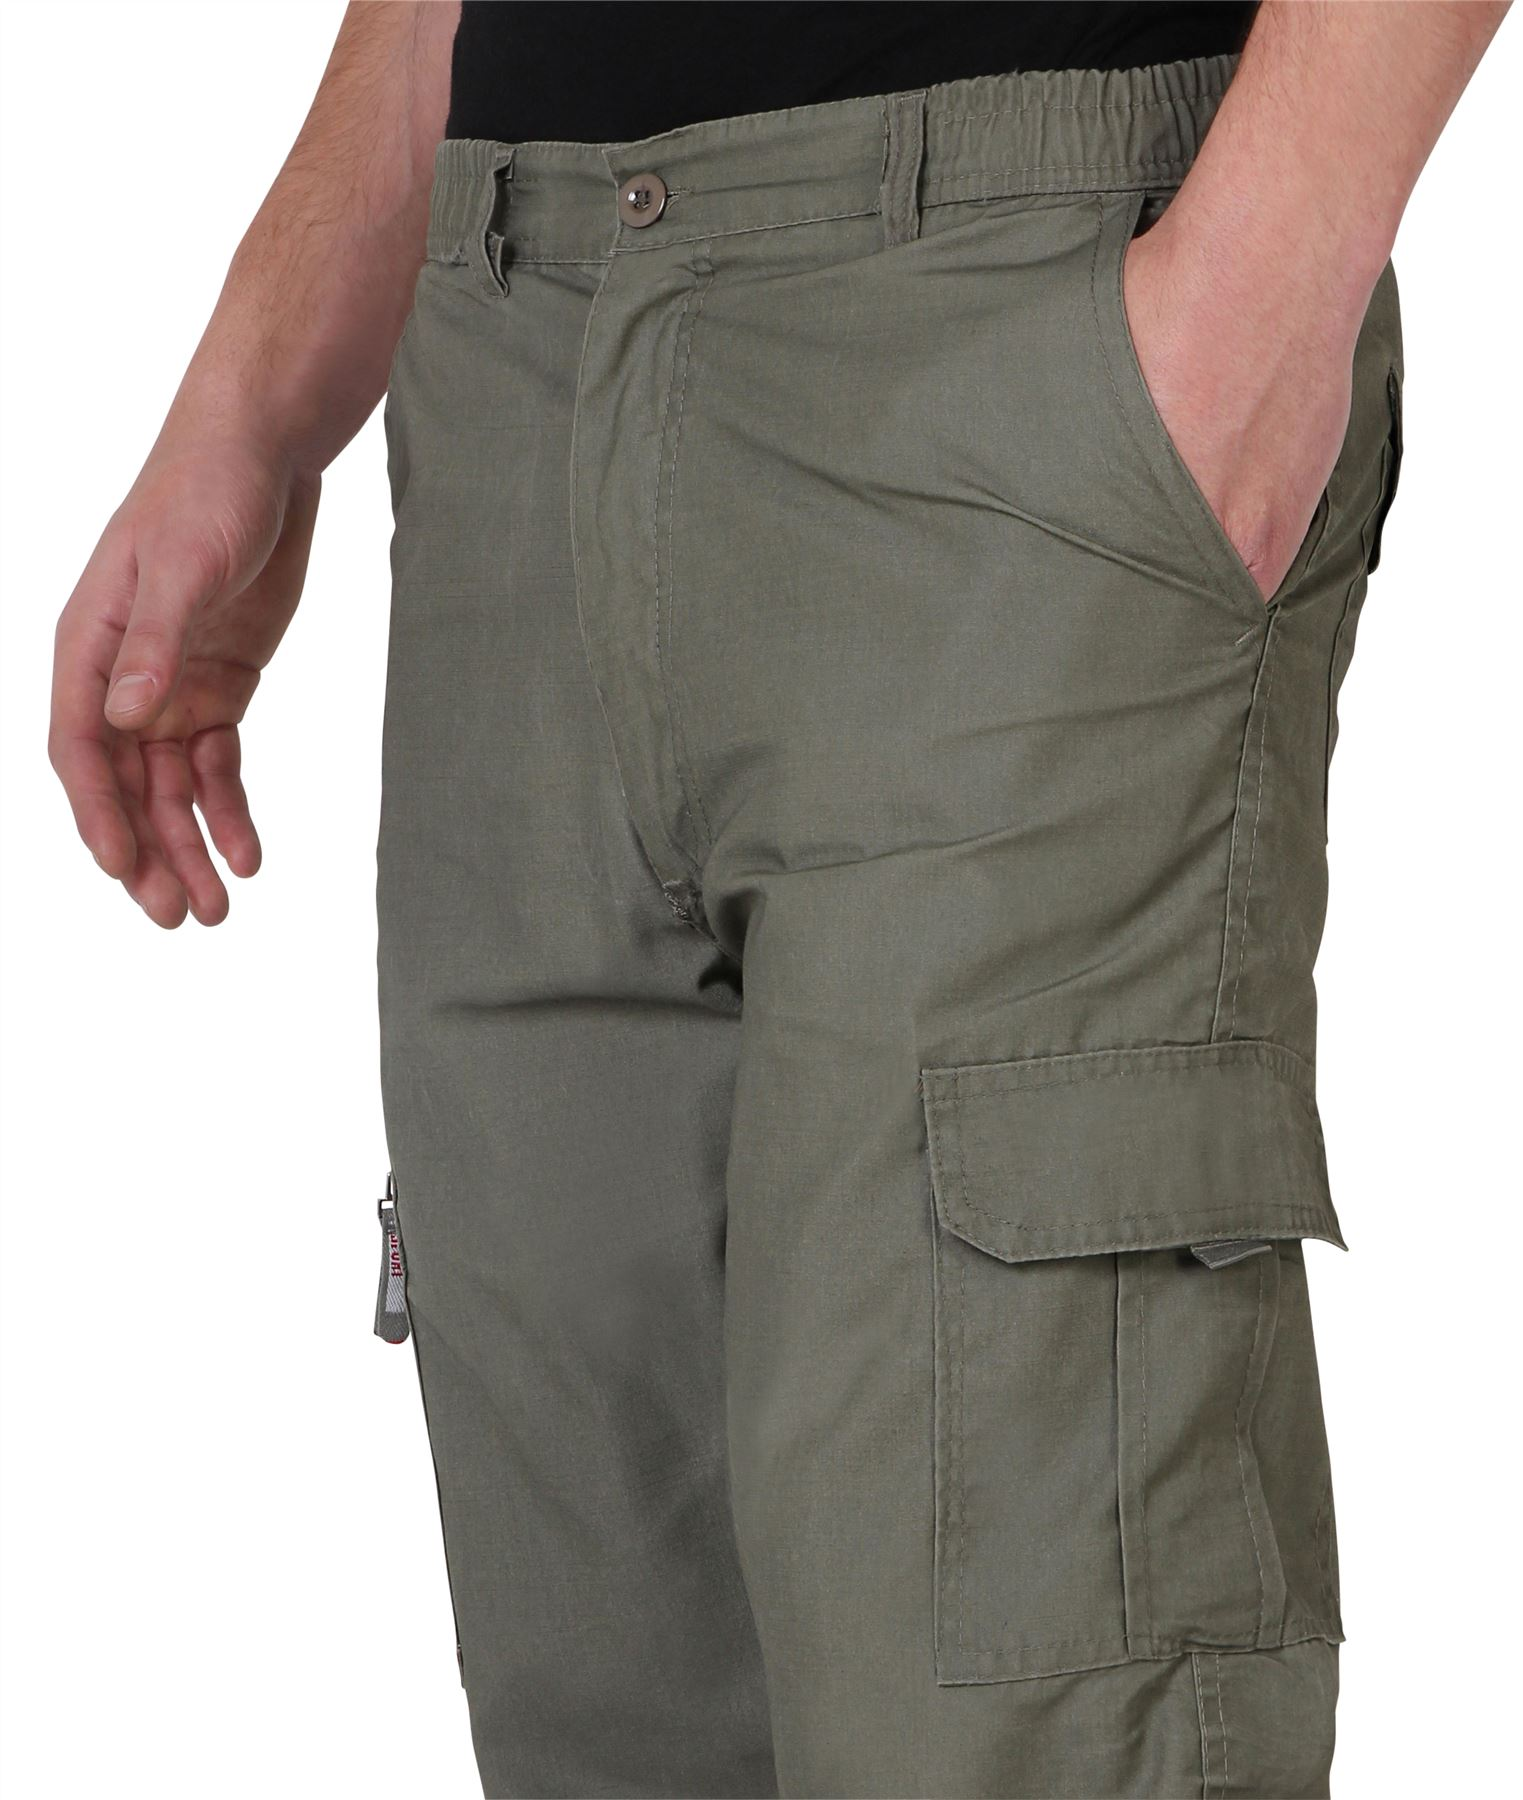 Uomo-Militare-Cargo-Pantaloni-Cotone-Lavoro-Chino-Casual-Kaki miniatura 18